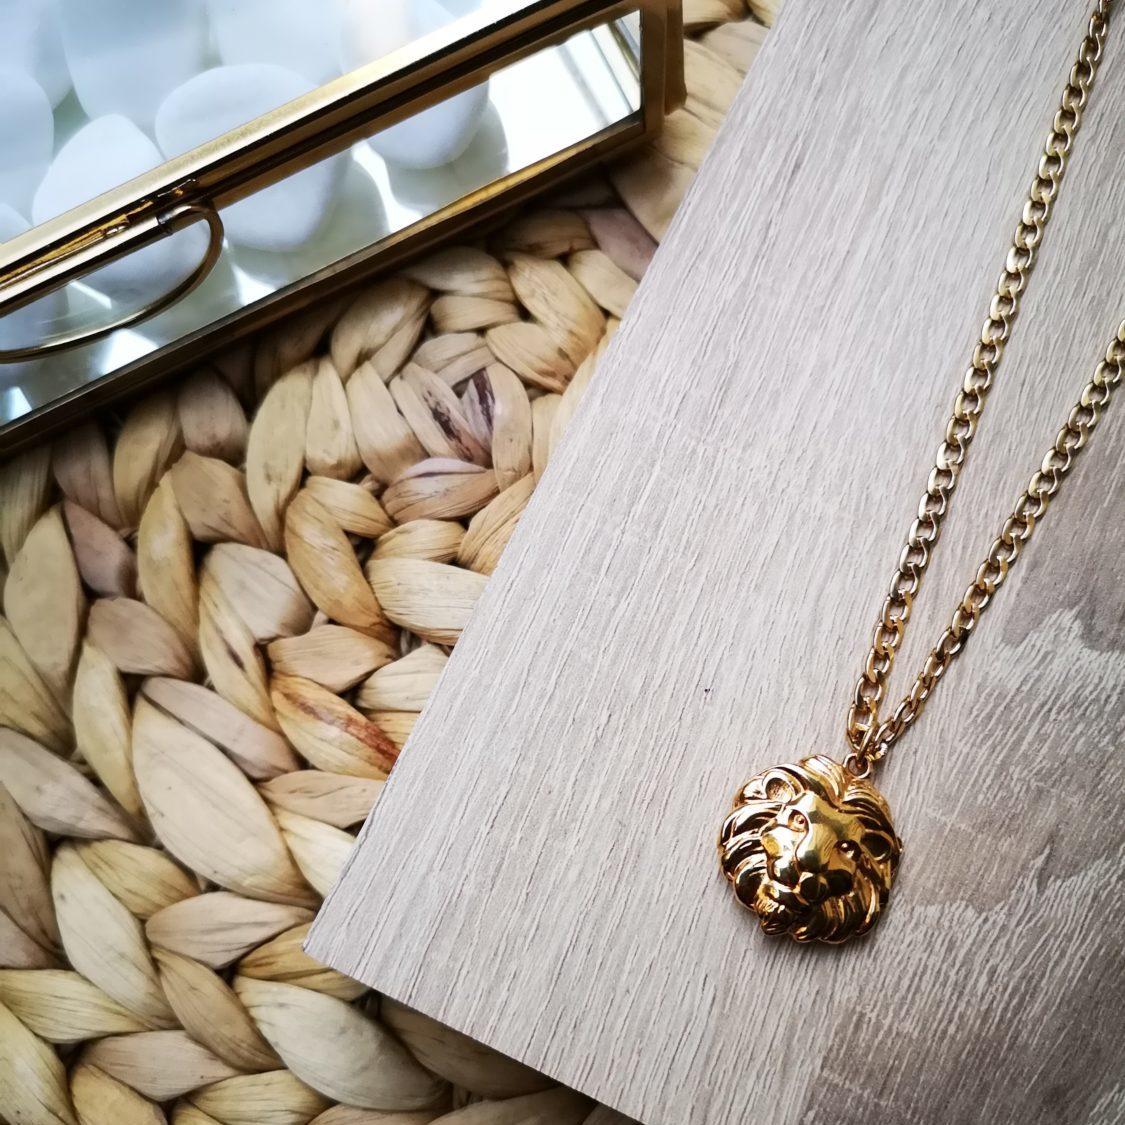 golden lion necklace